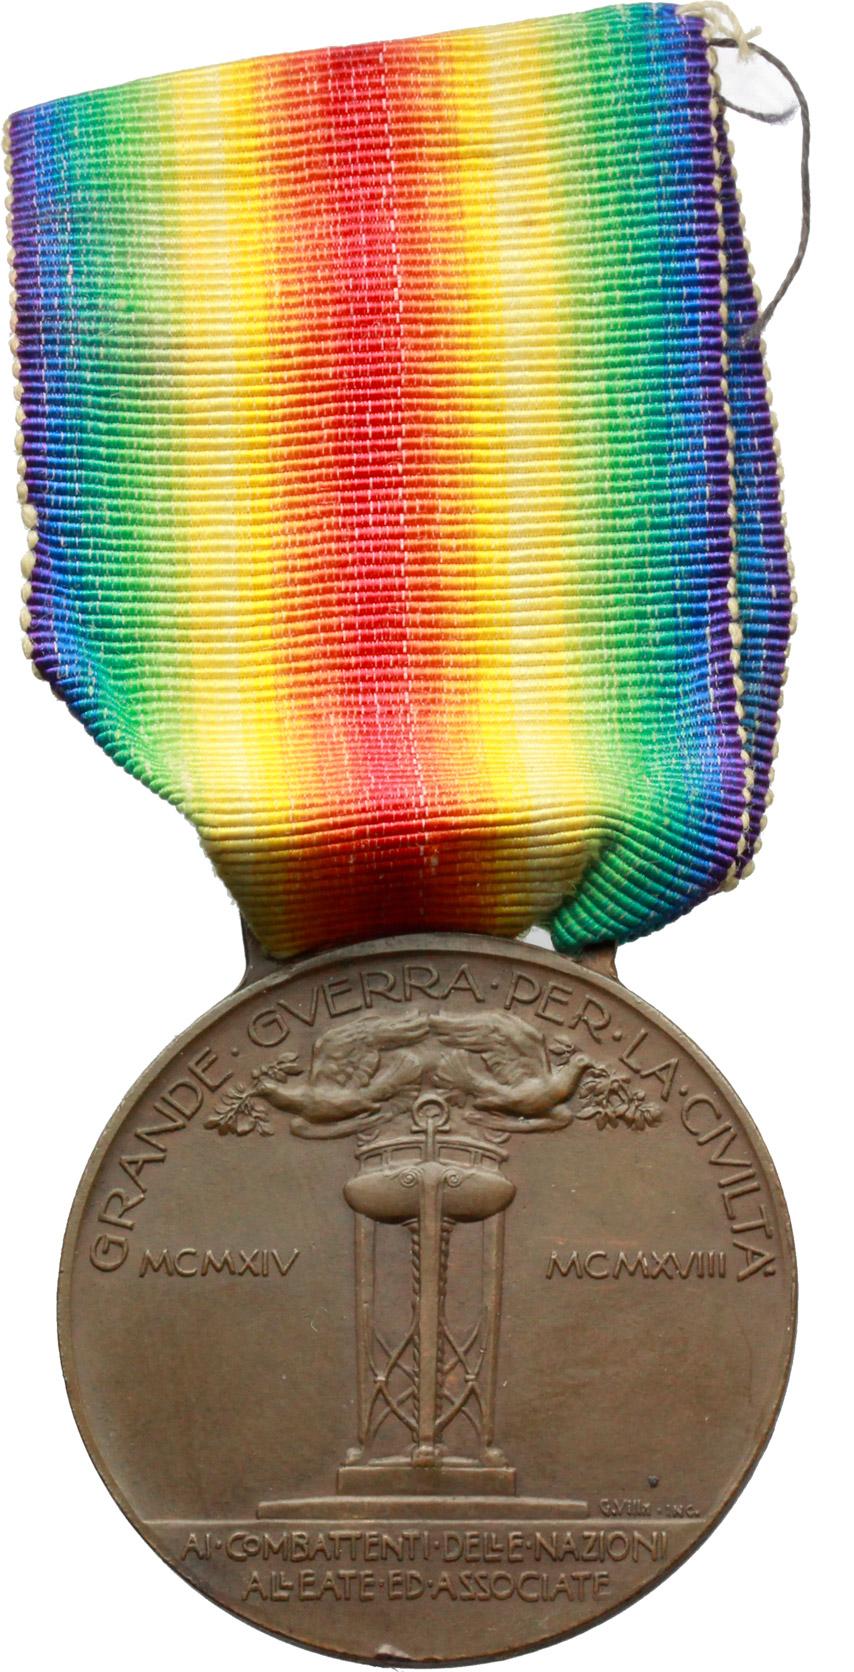 R/ Vittorio Emanuele III (1900-1943). Medaglia con nastrino ai combattenti e alle nazioni alleate ed associate. Grande Guerra per la civiltà, MCMXIV-MCMXVIII.     AE.   mm. 36.00 Inc. Ugolini-Sacchini.   SPL.